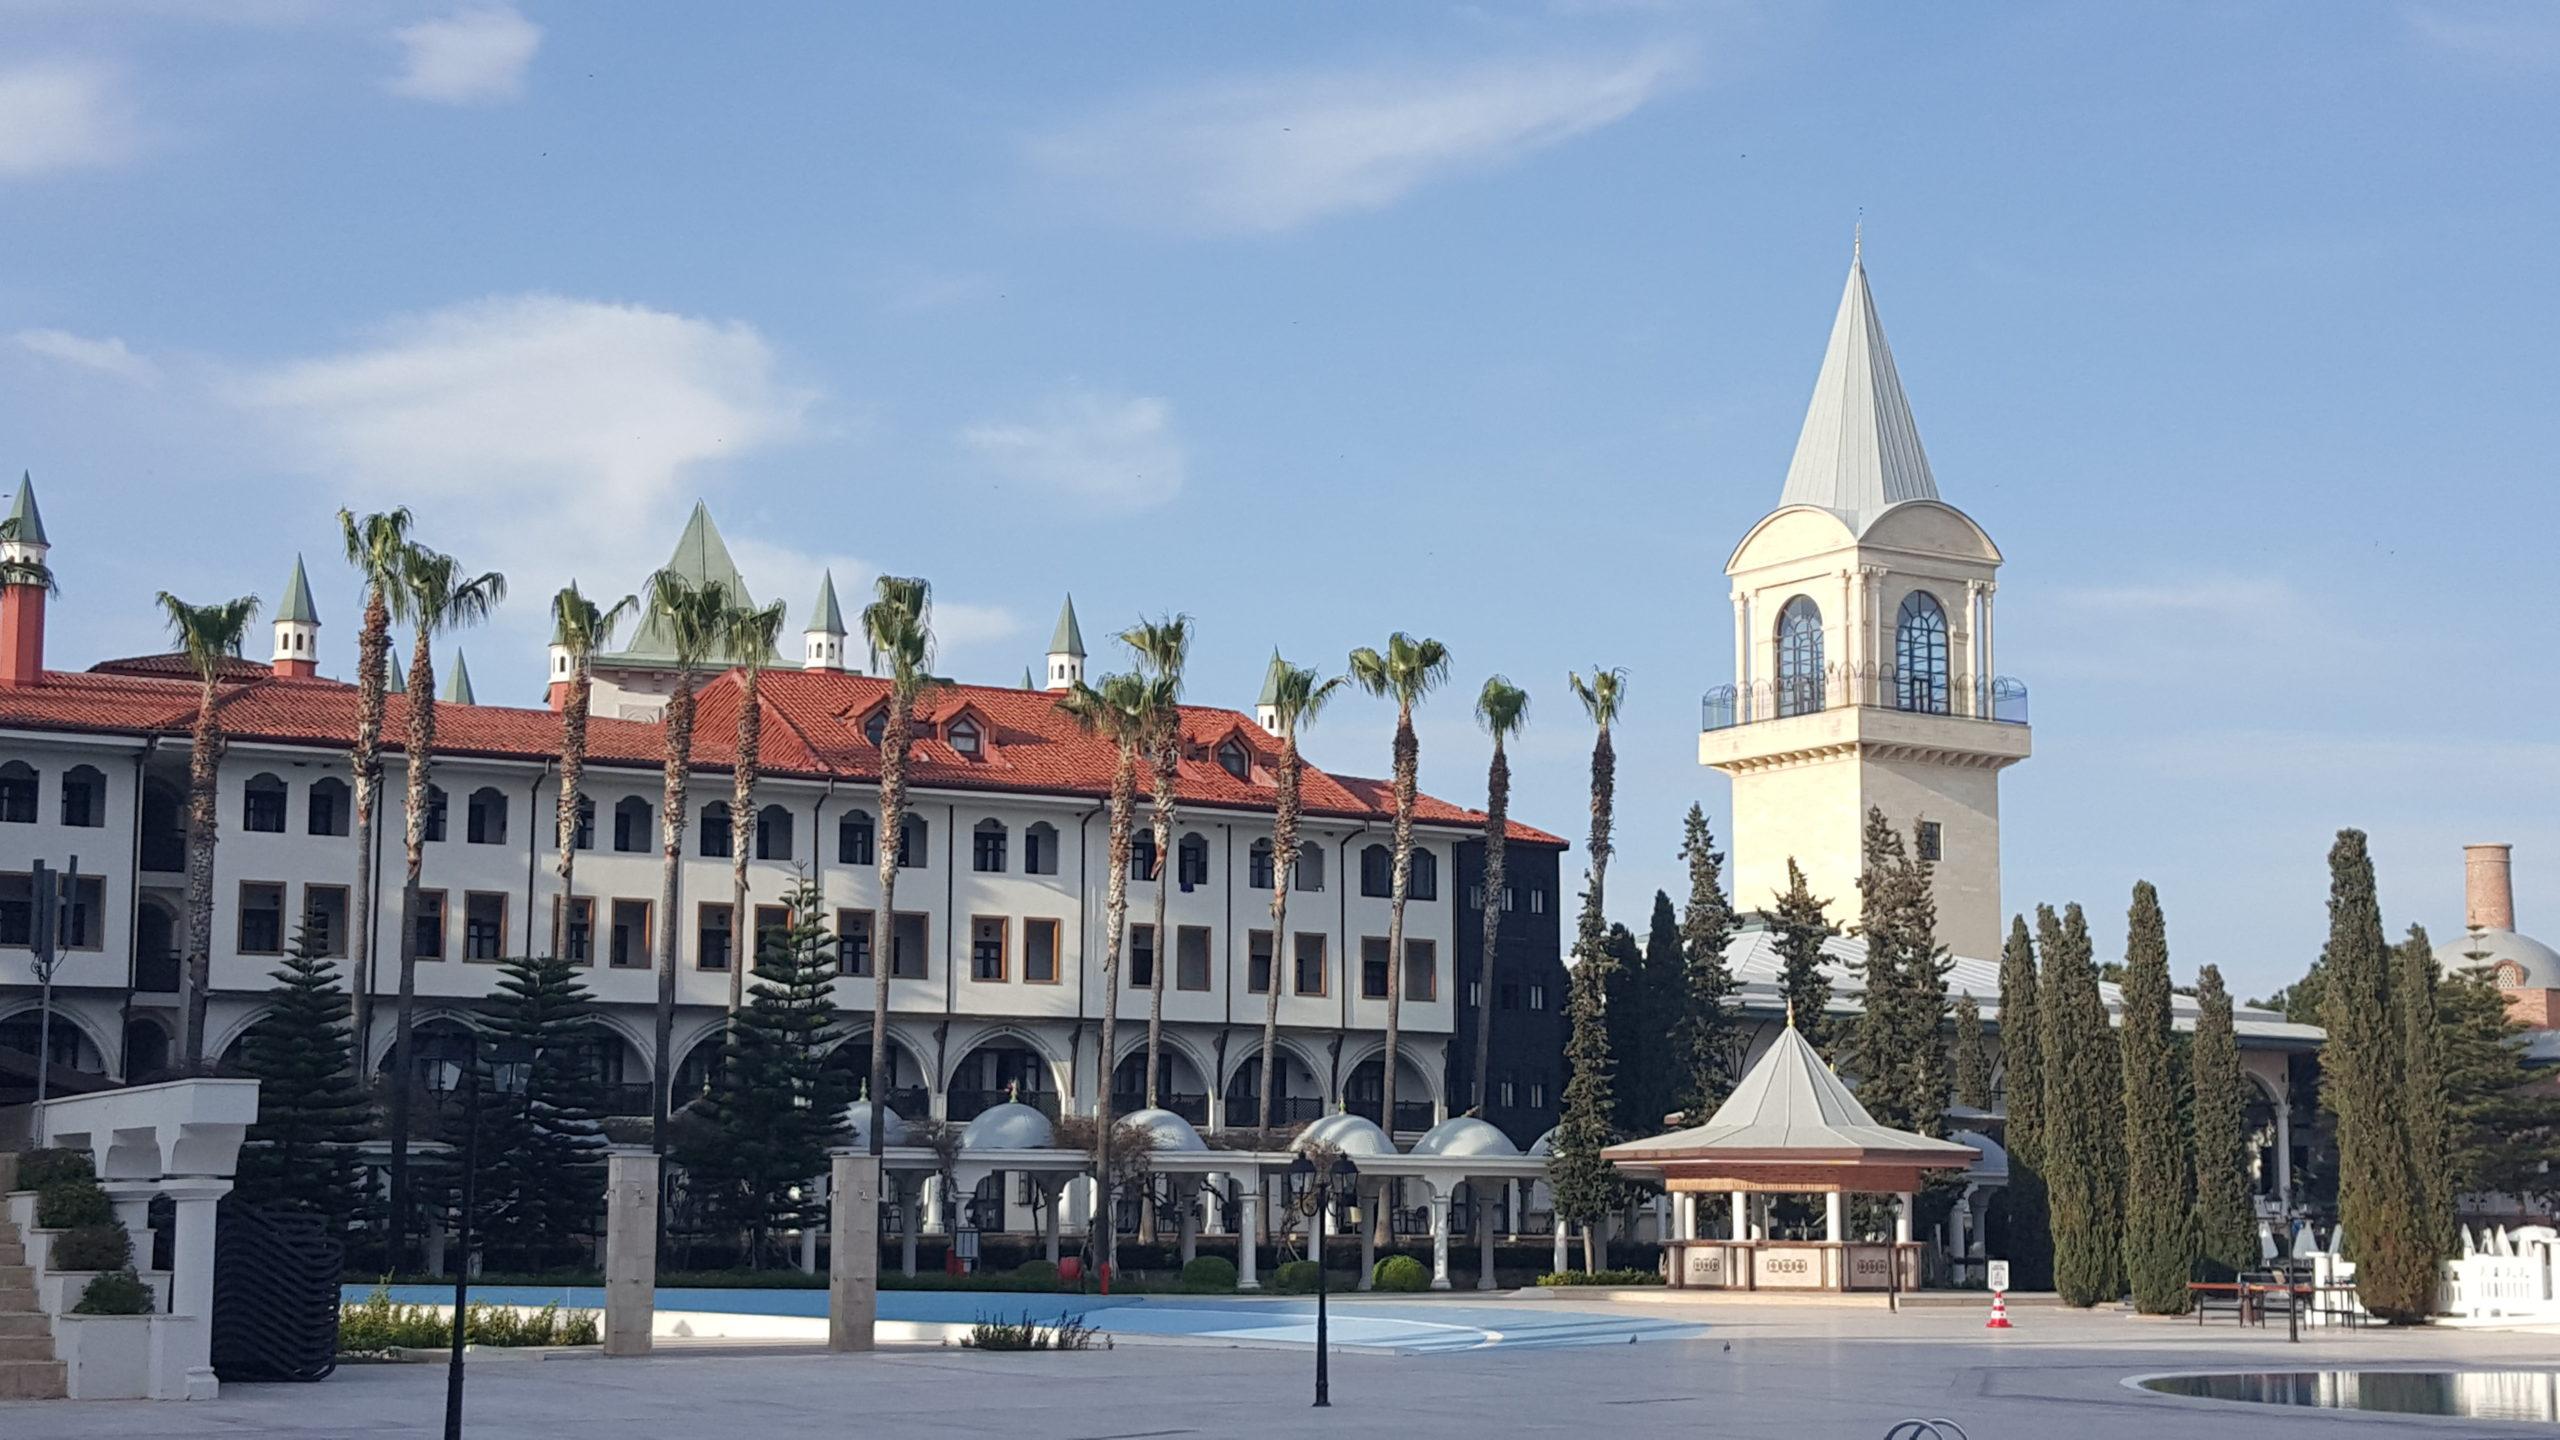 Turkey Tourism – Antaliya – Hestourex Medic Tourism 2017